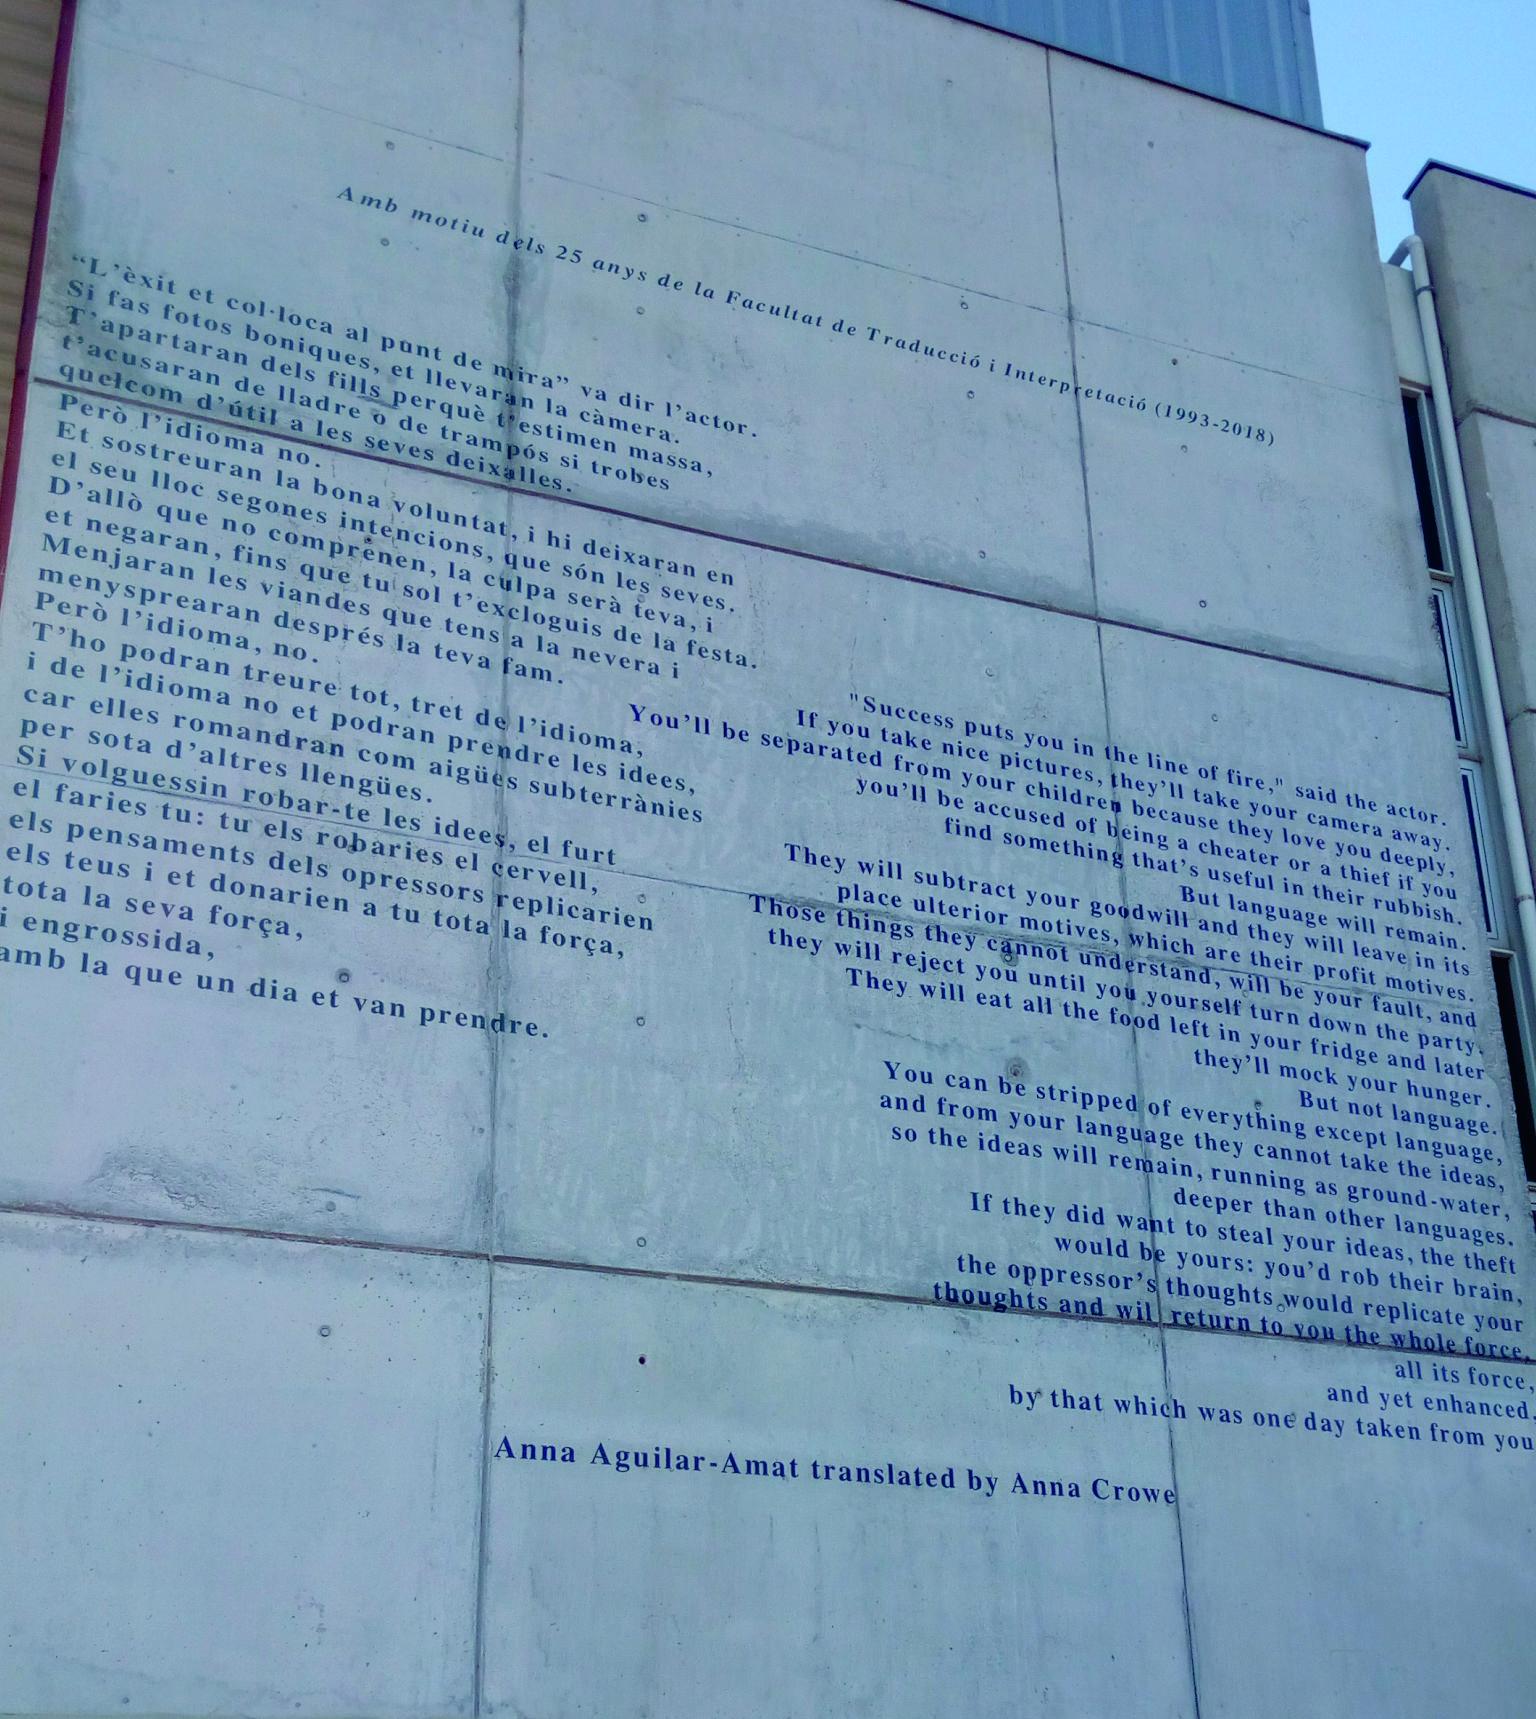 UAB pintura altura facultad traducion interpretacion